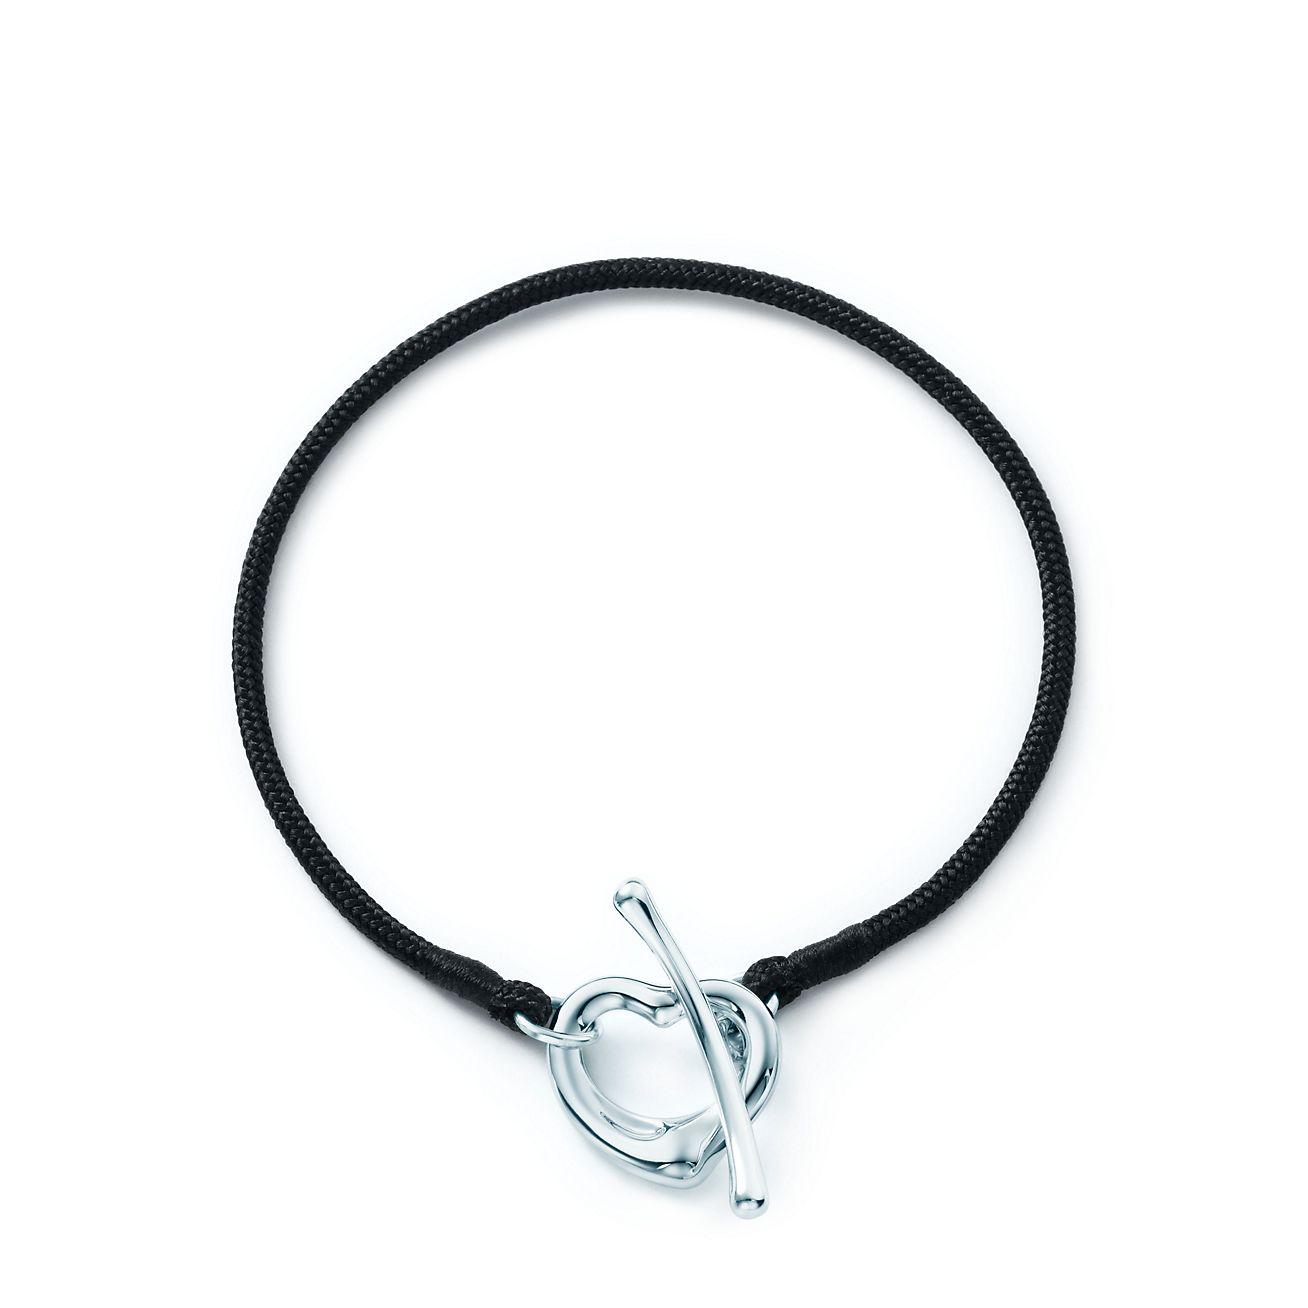 Jewelry Bracelets Elsa Peretti Open Heart Silk Bracelet Grp04940 Top Tiffany Bracelets